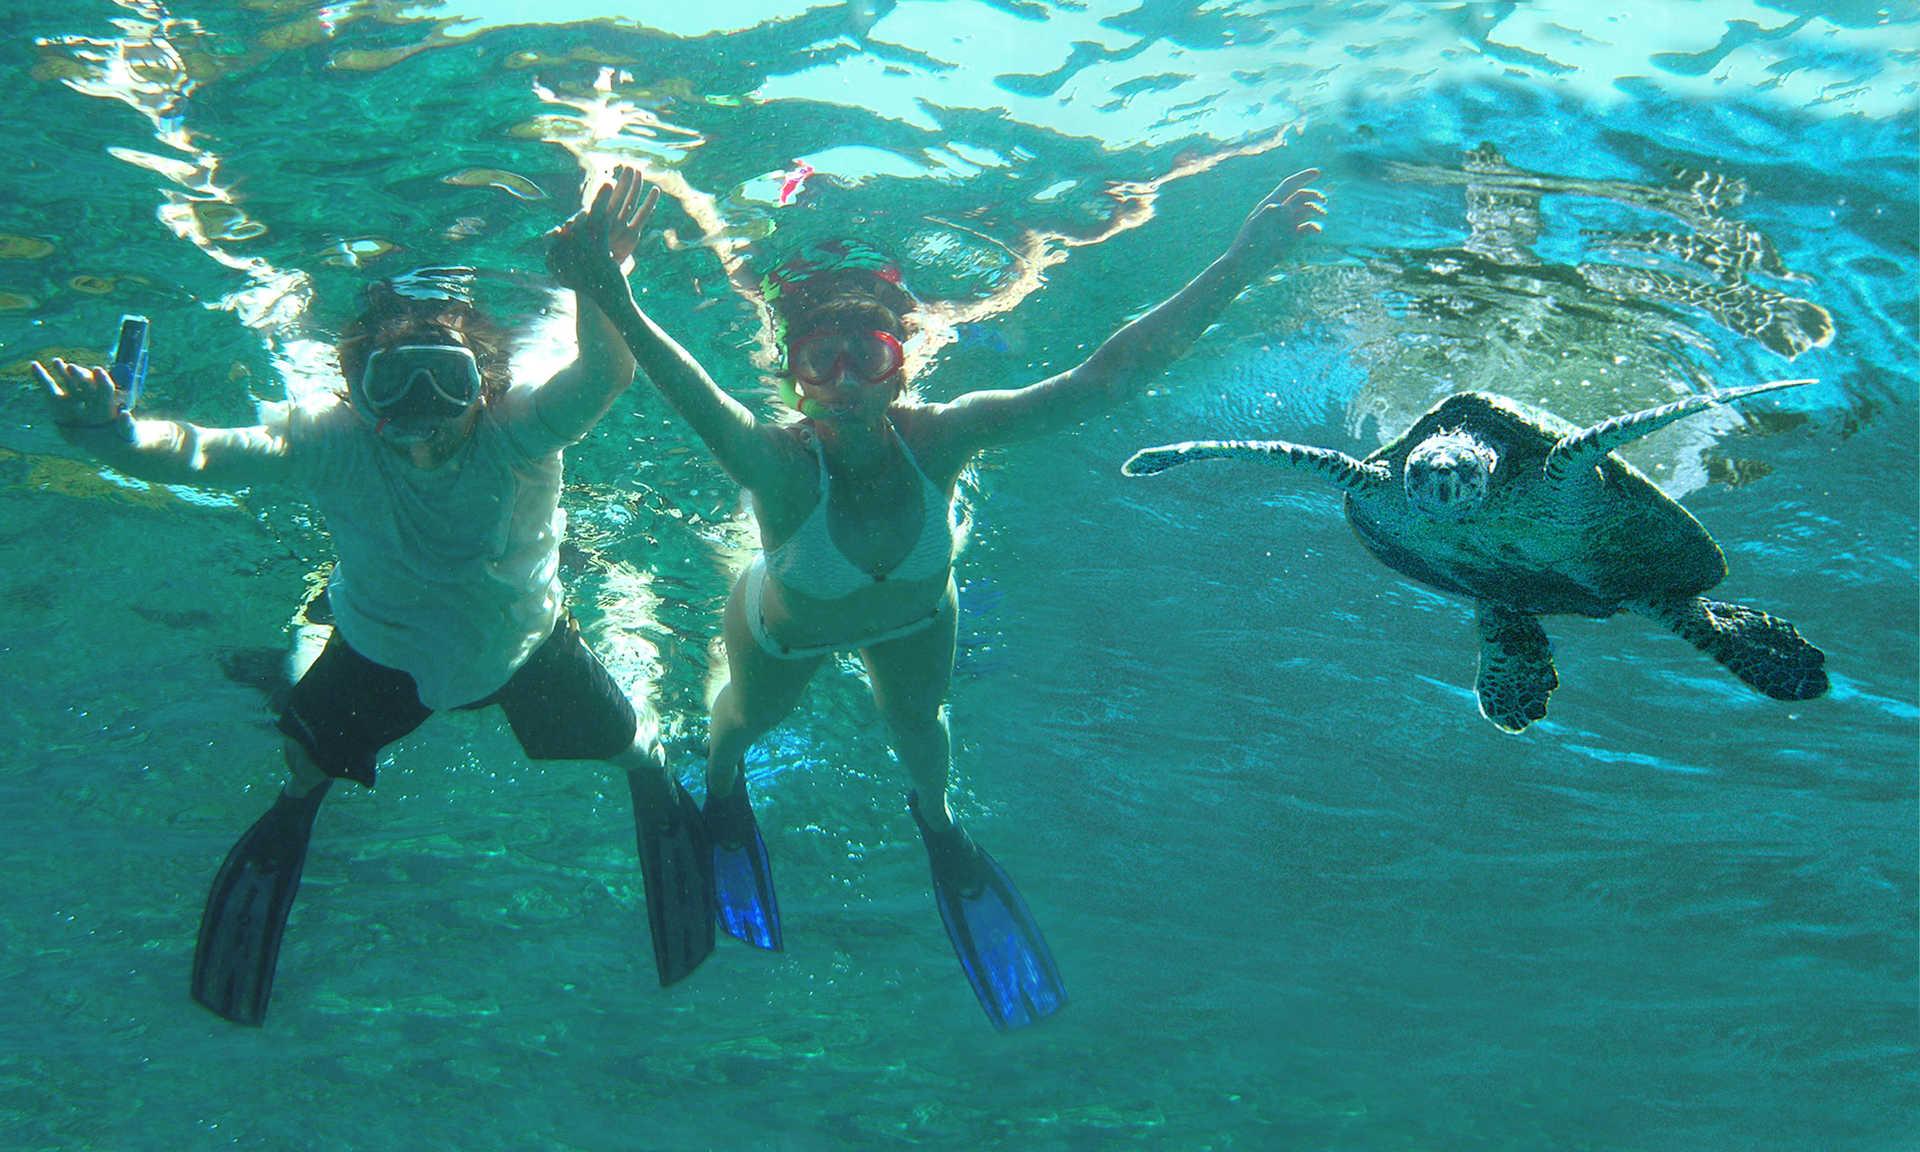 Plongeurs en apnée regardant une tortue